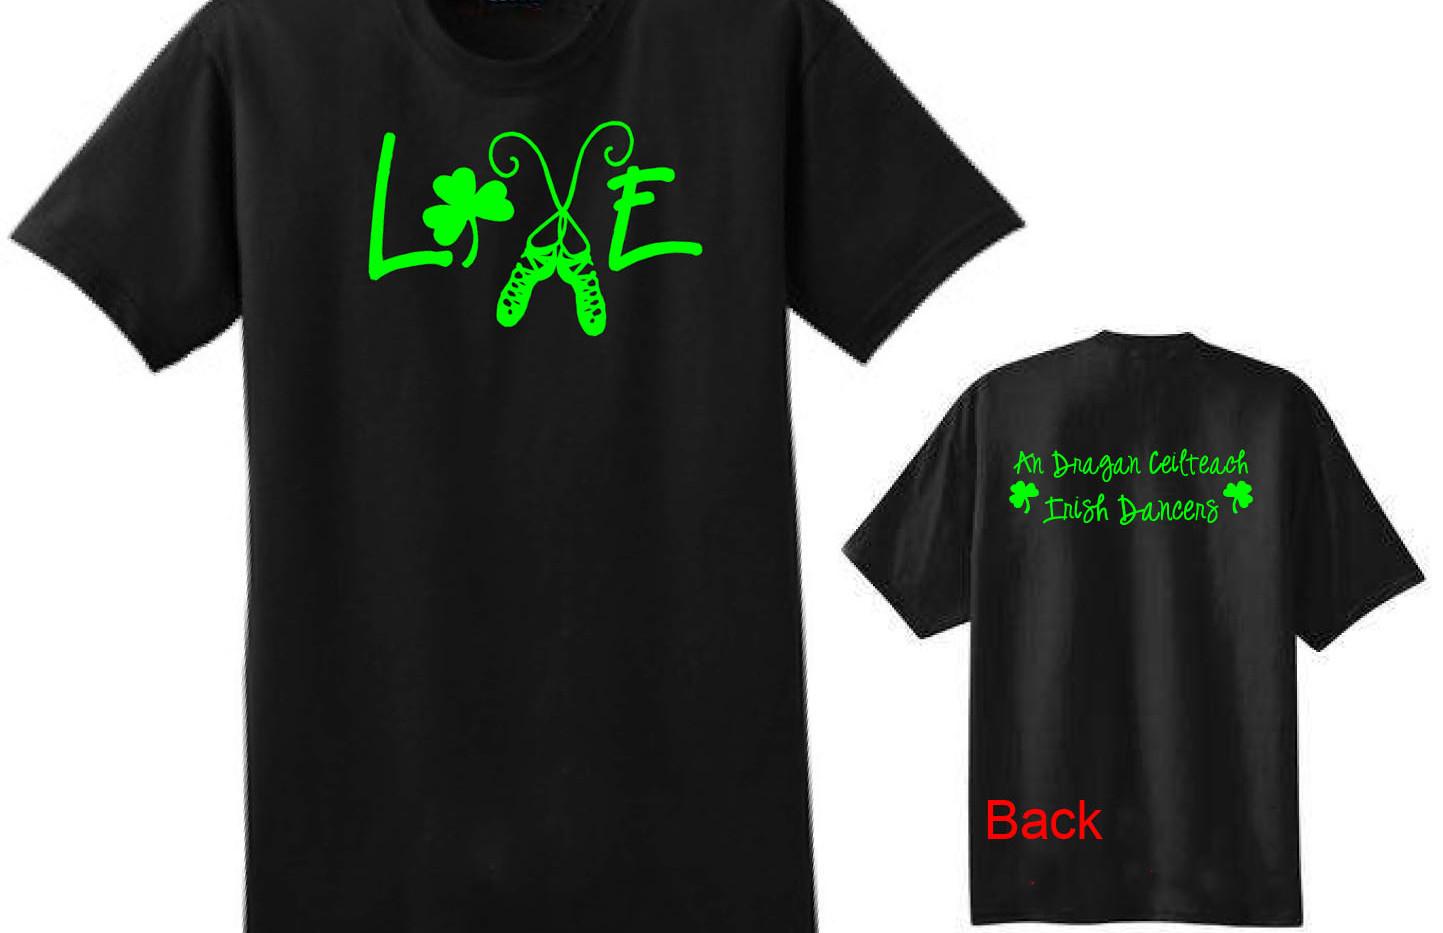 love shirt-1.jpg